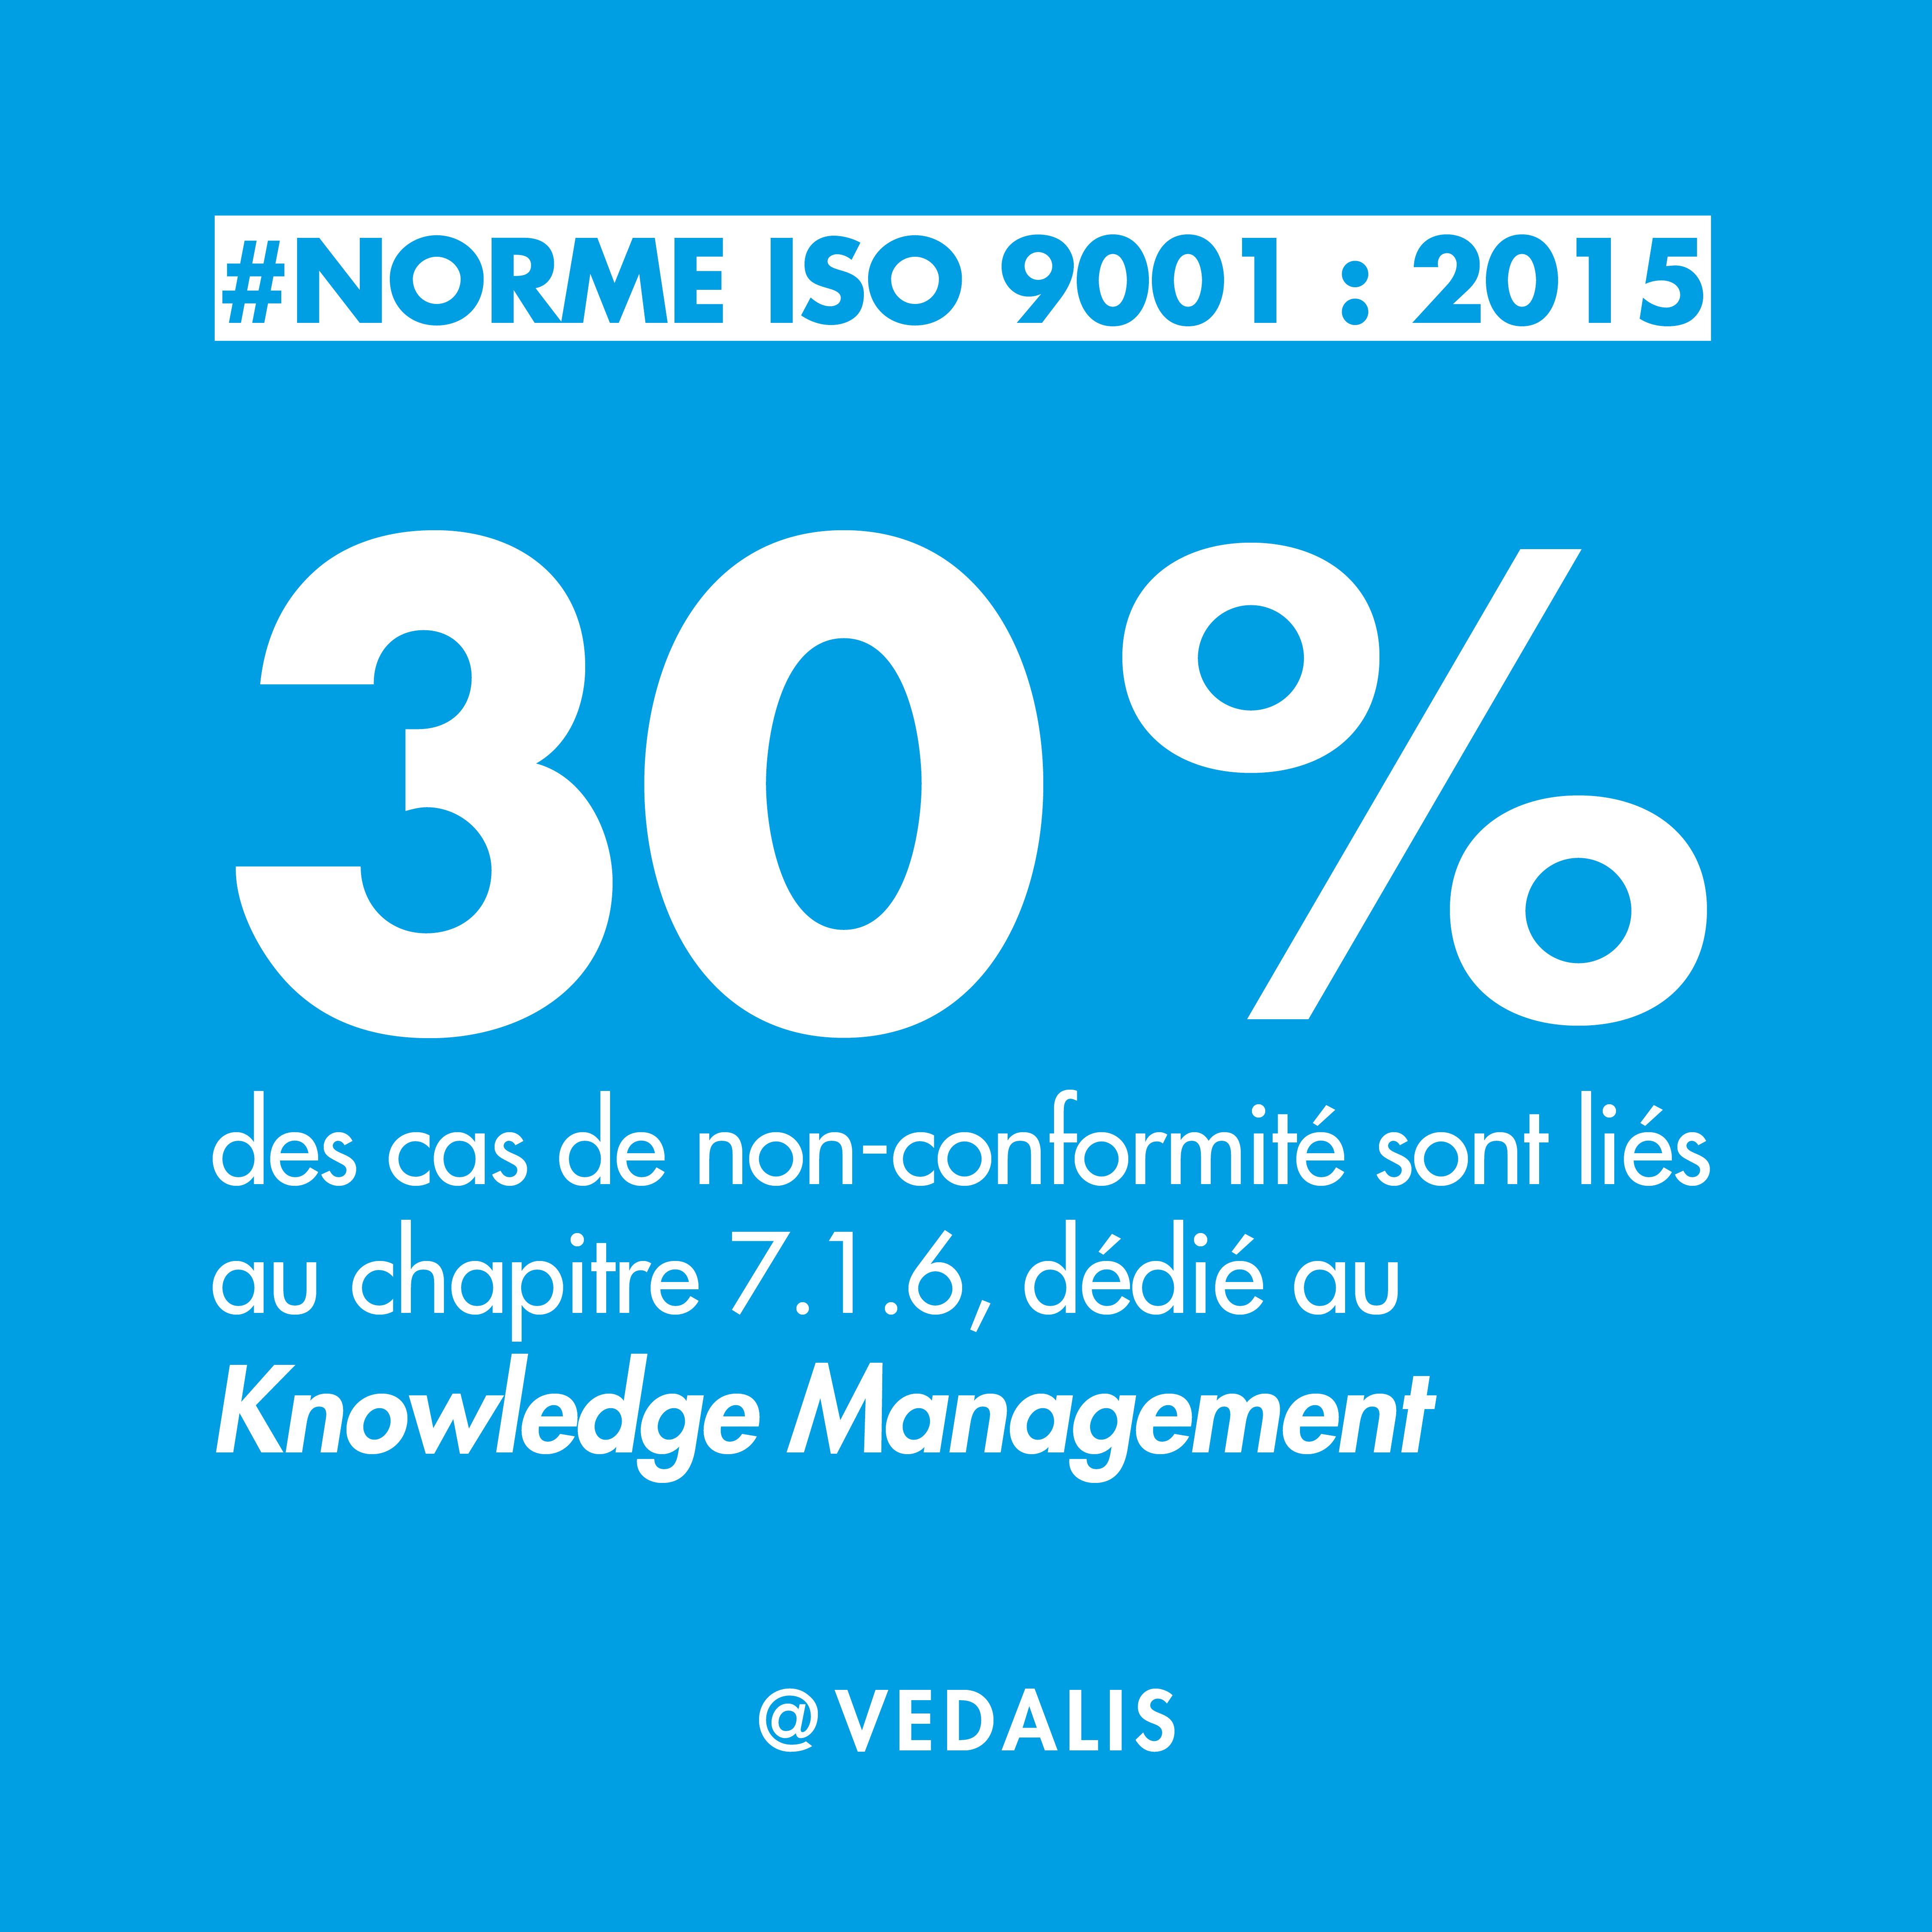 Les enjeux de la certification ISO9001 2015 VEDALIS